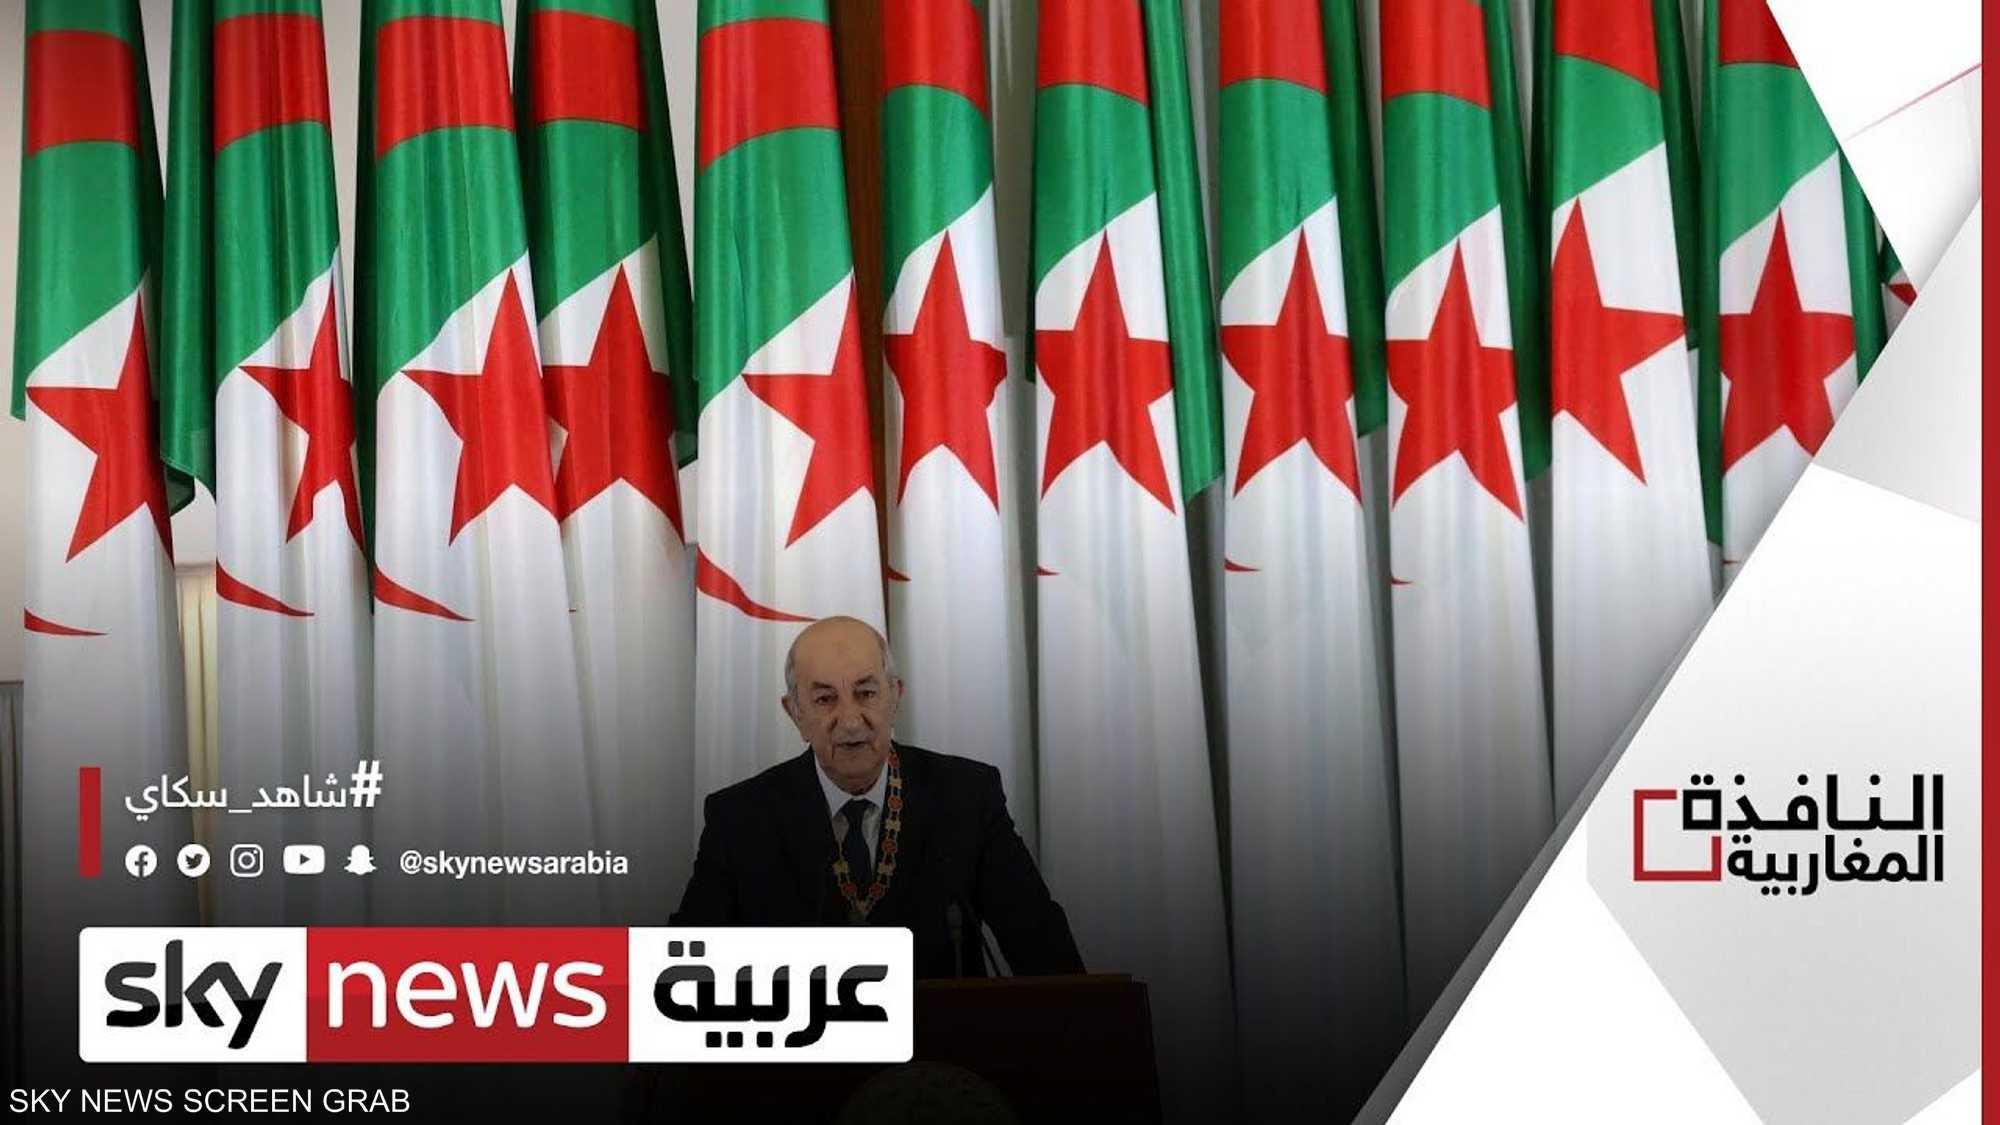 """الحكومة الجزائرية تحذر من """"الثورة المضادة"""""""